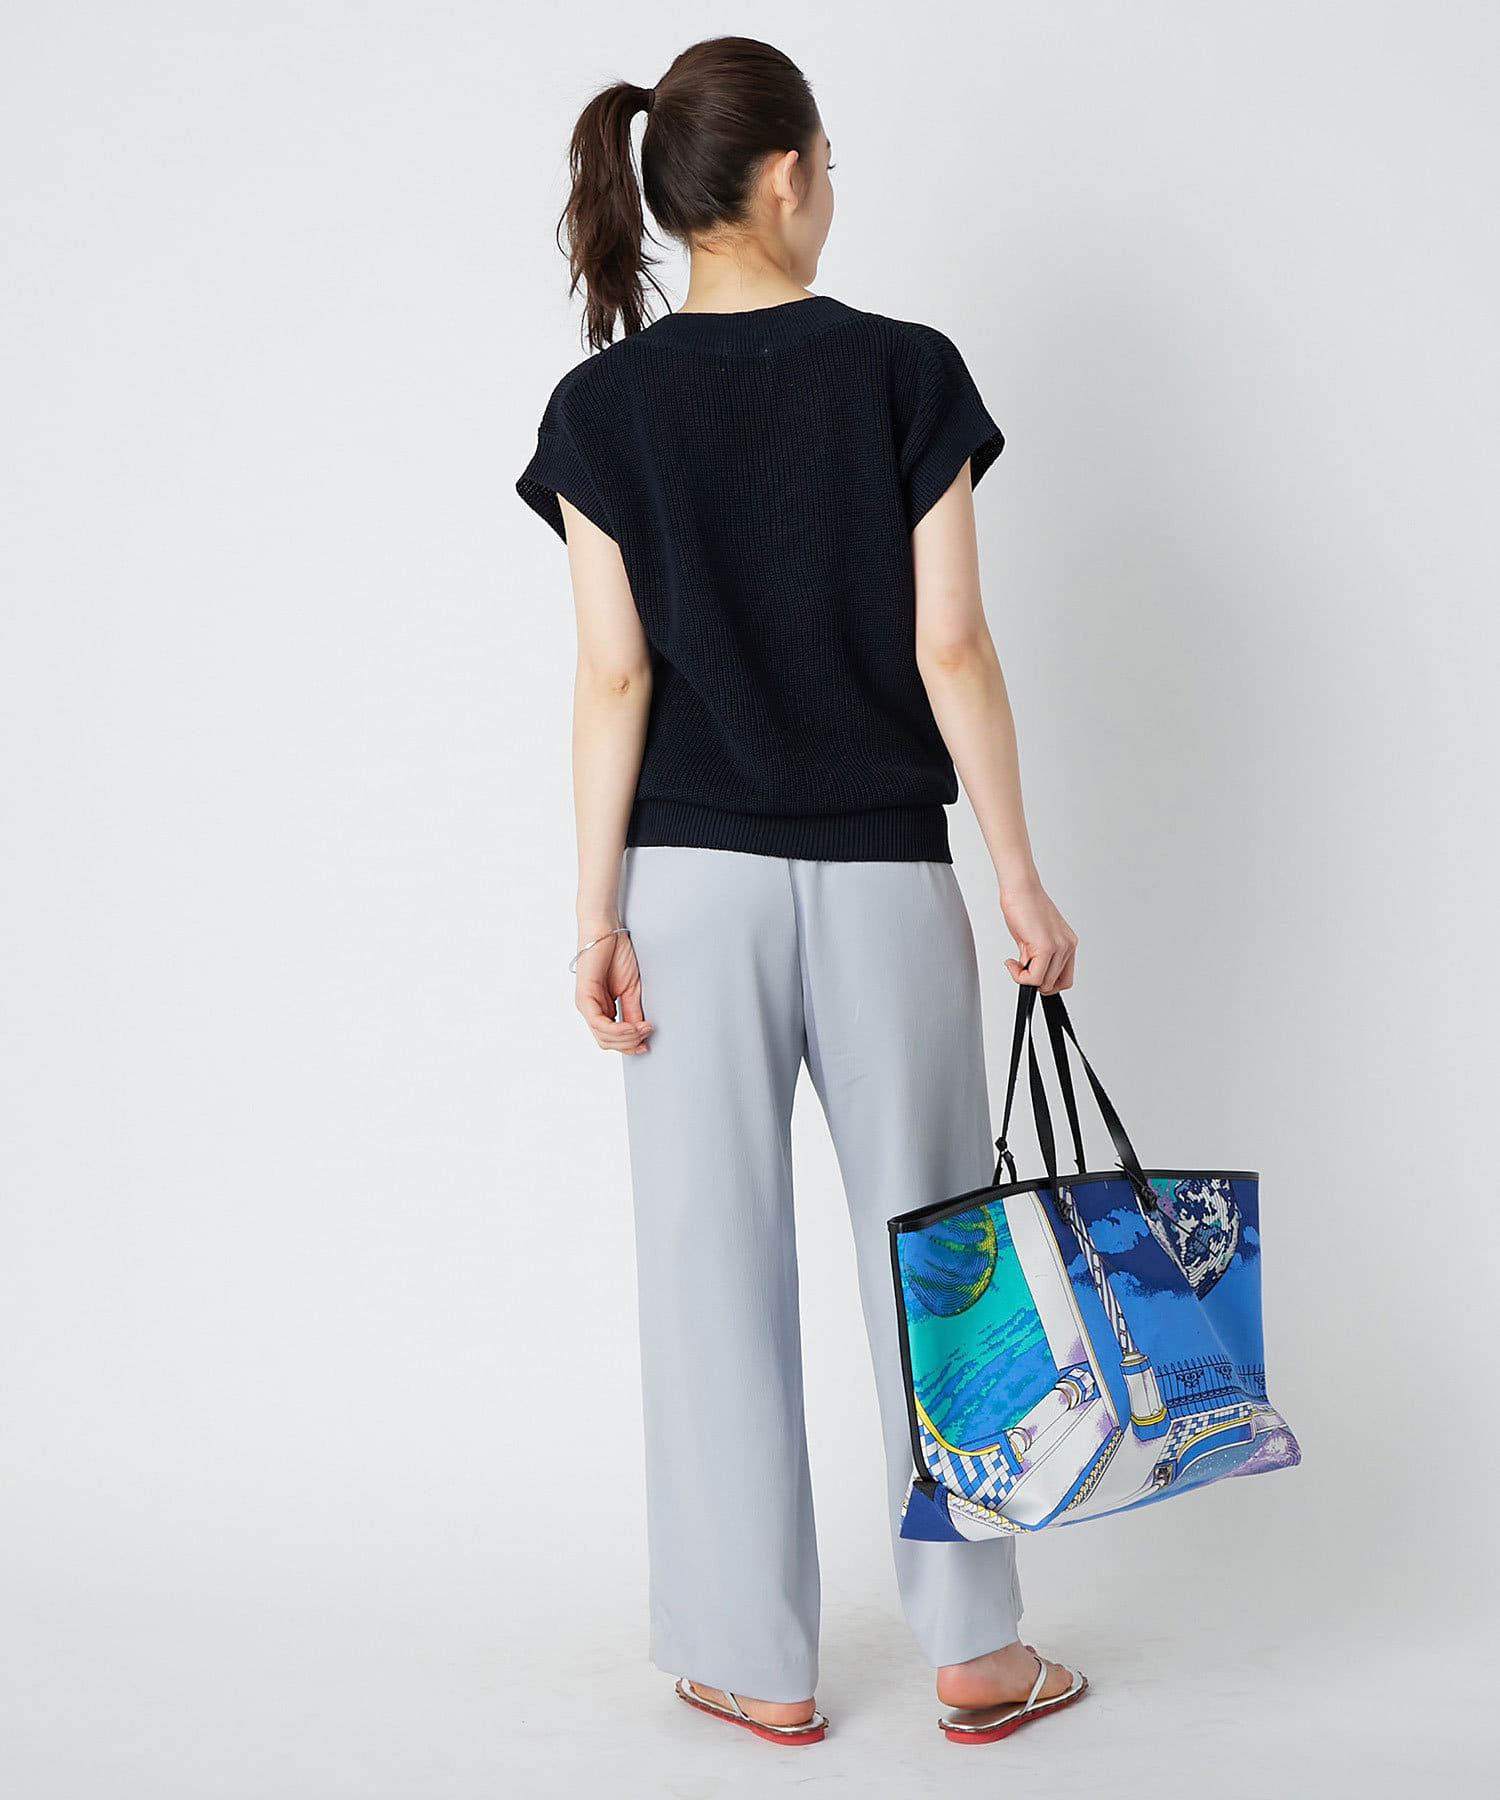 La boutique BonBon(ラブティックボンボン) 【WEB限定・manipuri(マニプリ)】船形トートLトロンプルイユ